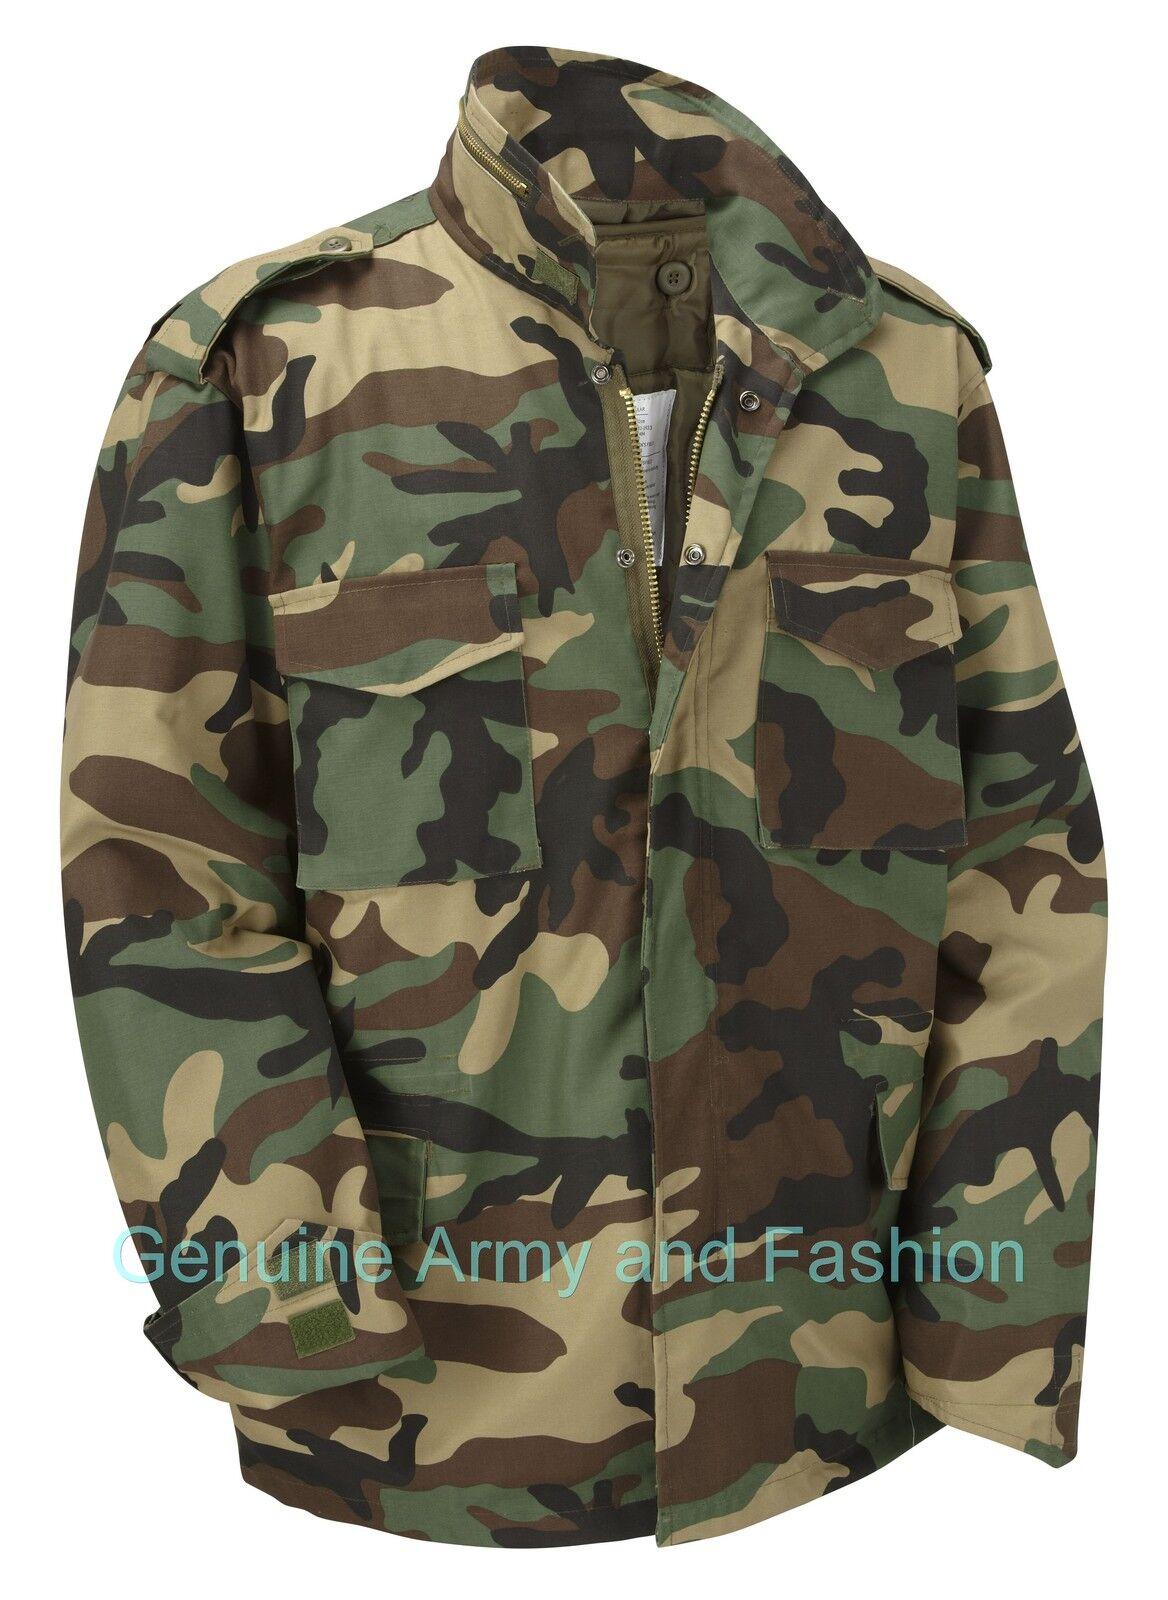 VINTAGE M65 JACKET US MILITARY ARMY FIELD COMBAT XS S M L XL 2XL 3XL 4XL 5XL 6XL